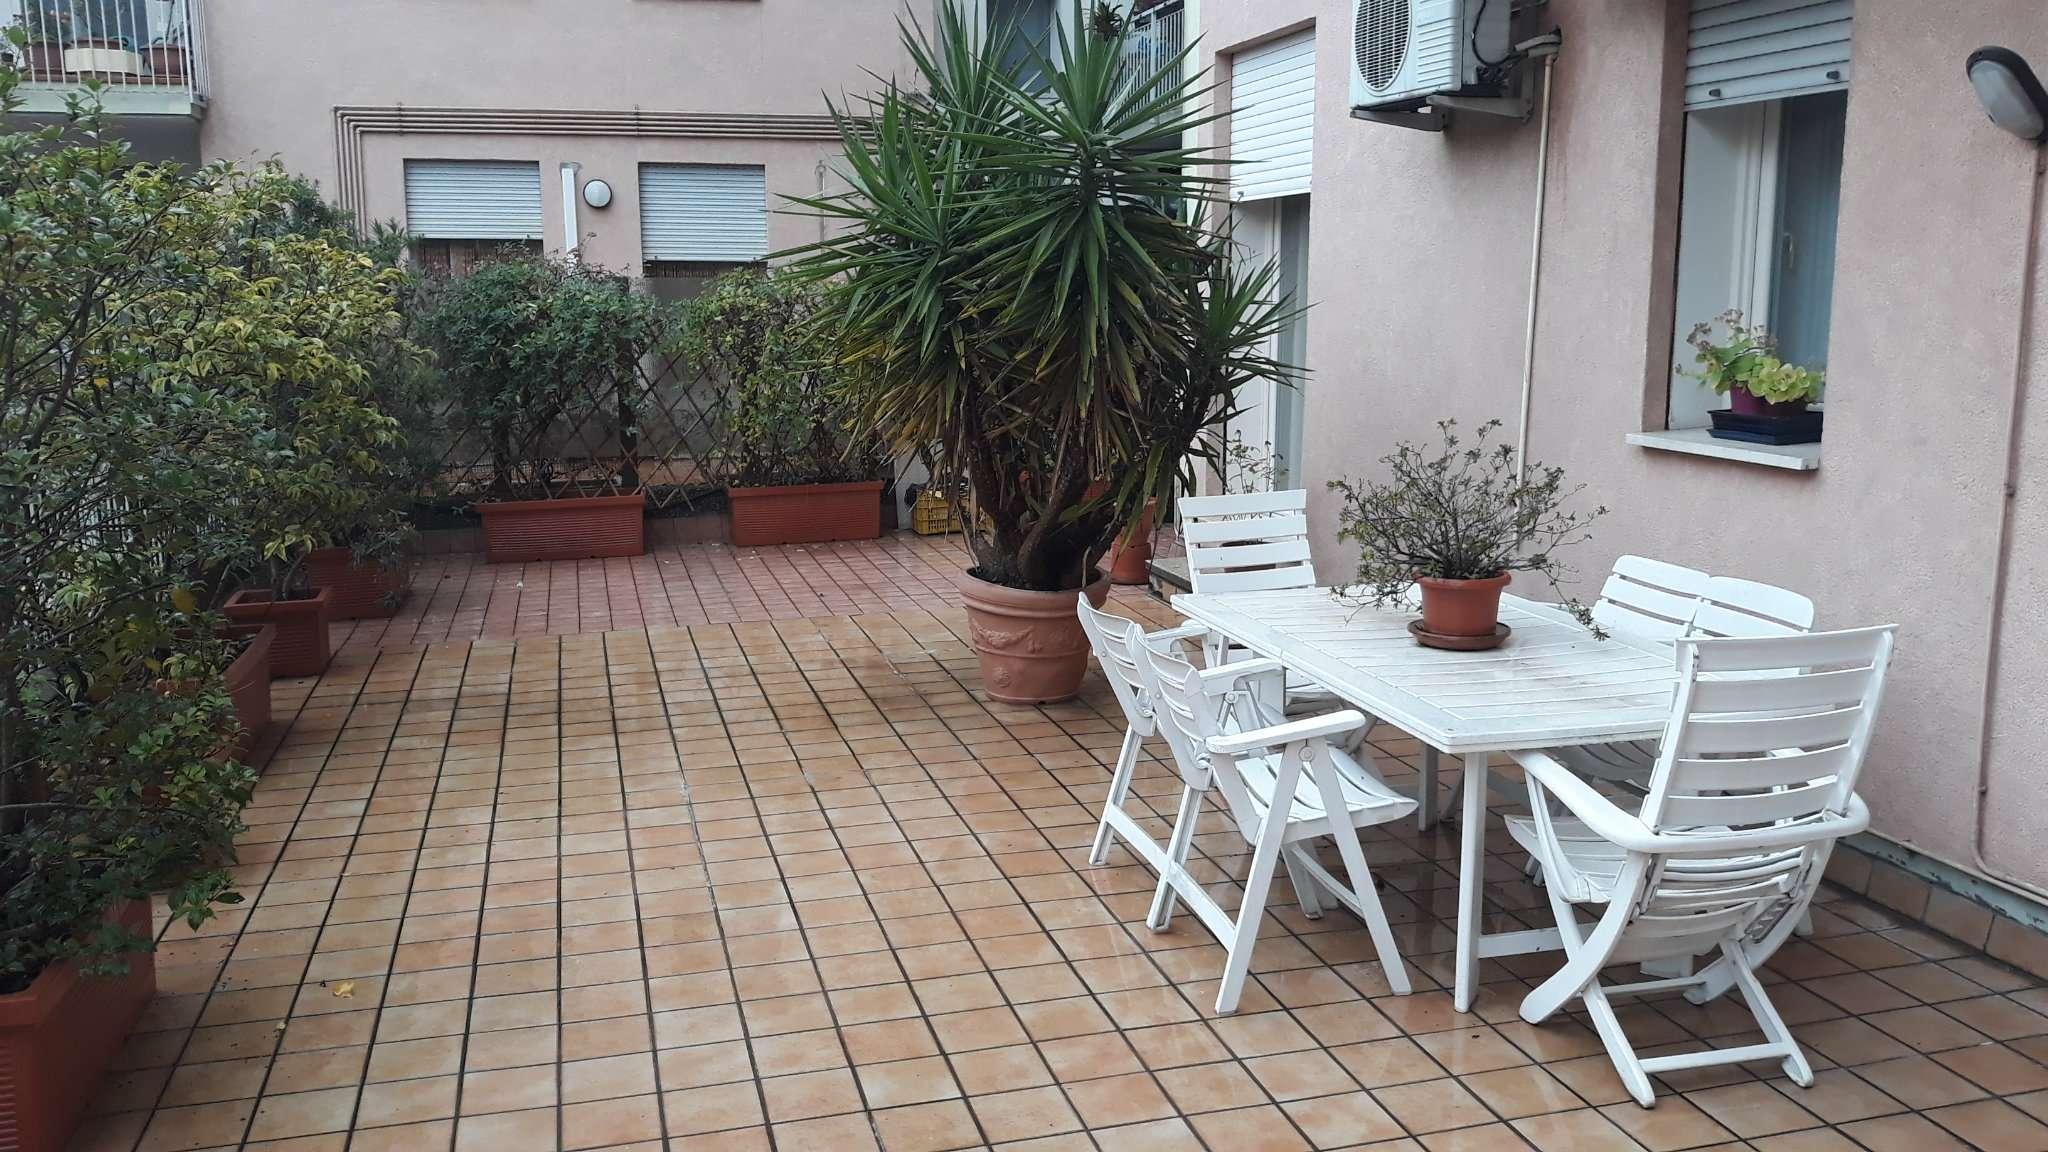 Appartamento in vendita a Padova, 6 locali, zona Centro, prezzo € 560.000   PortaleAgenzieImmobiliari.it